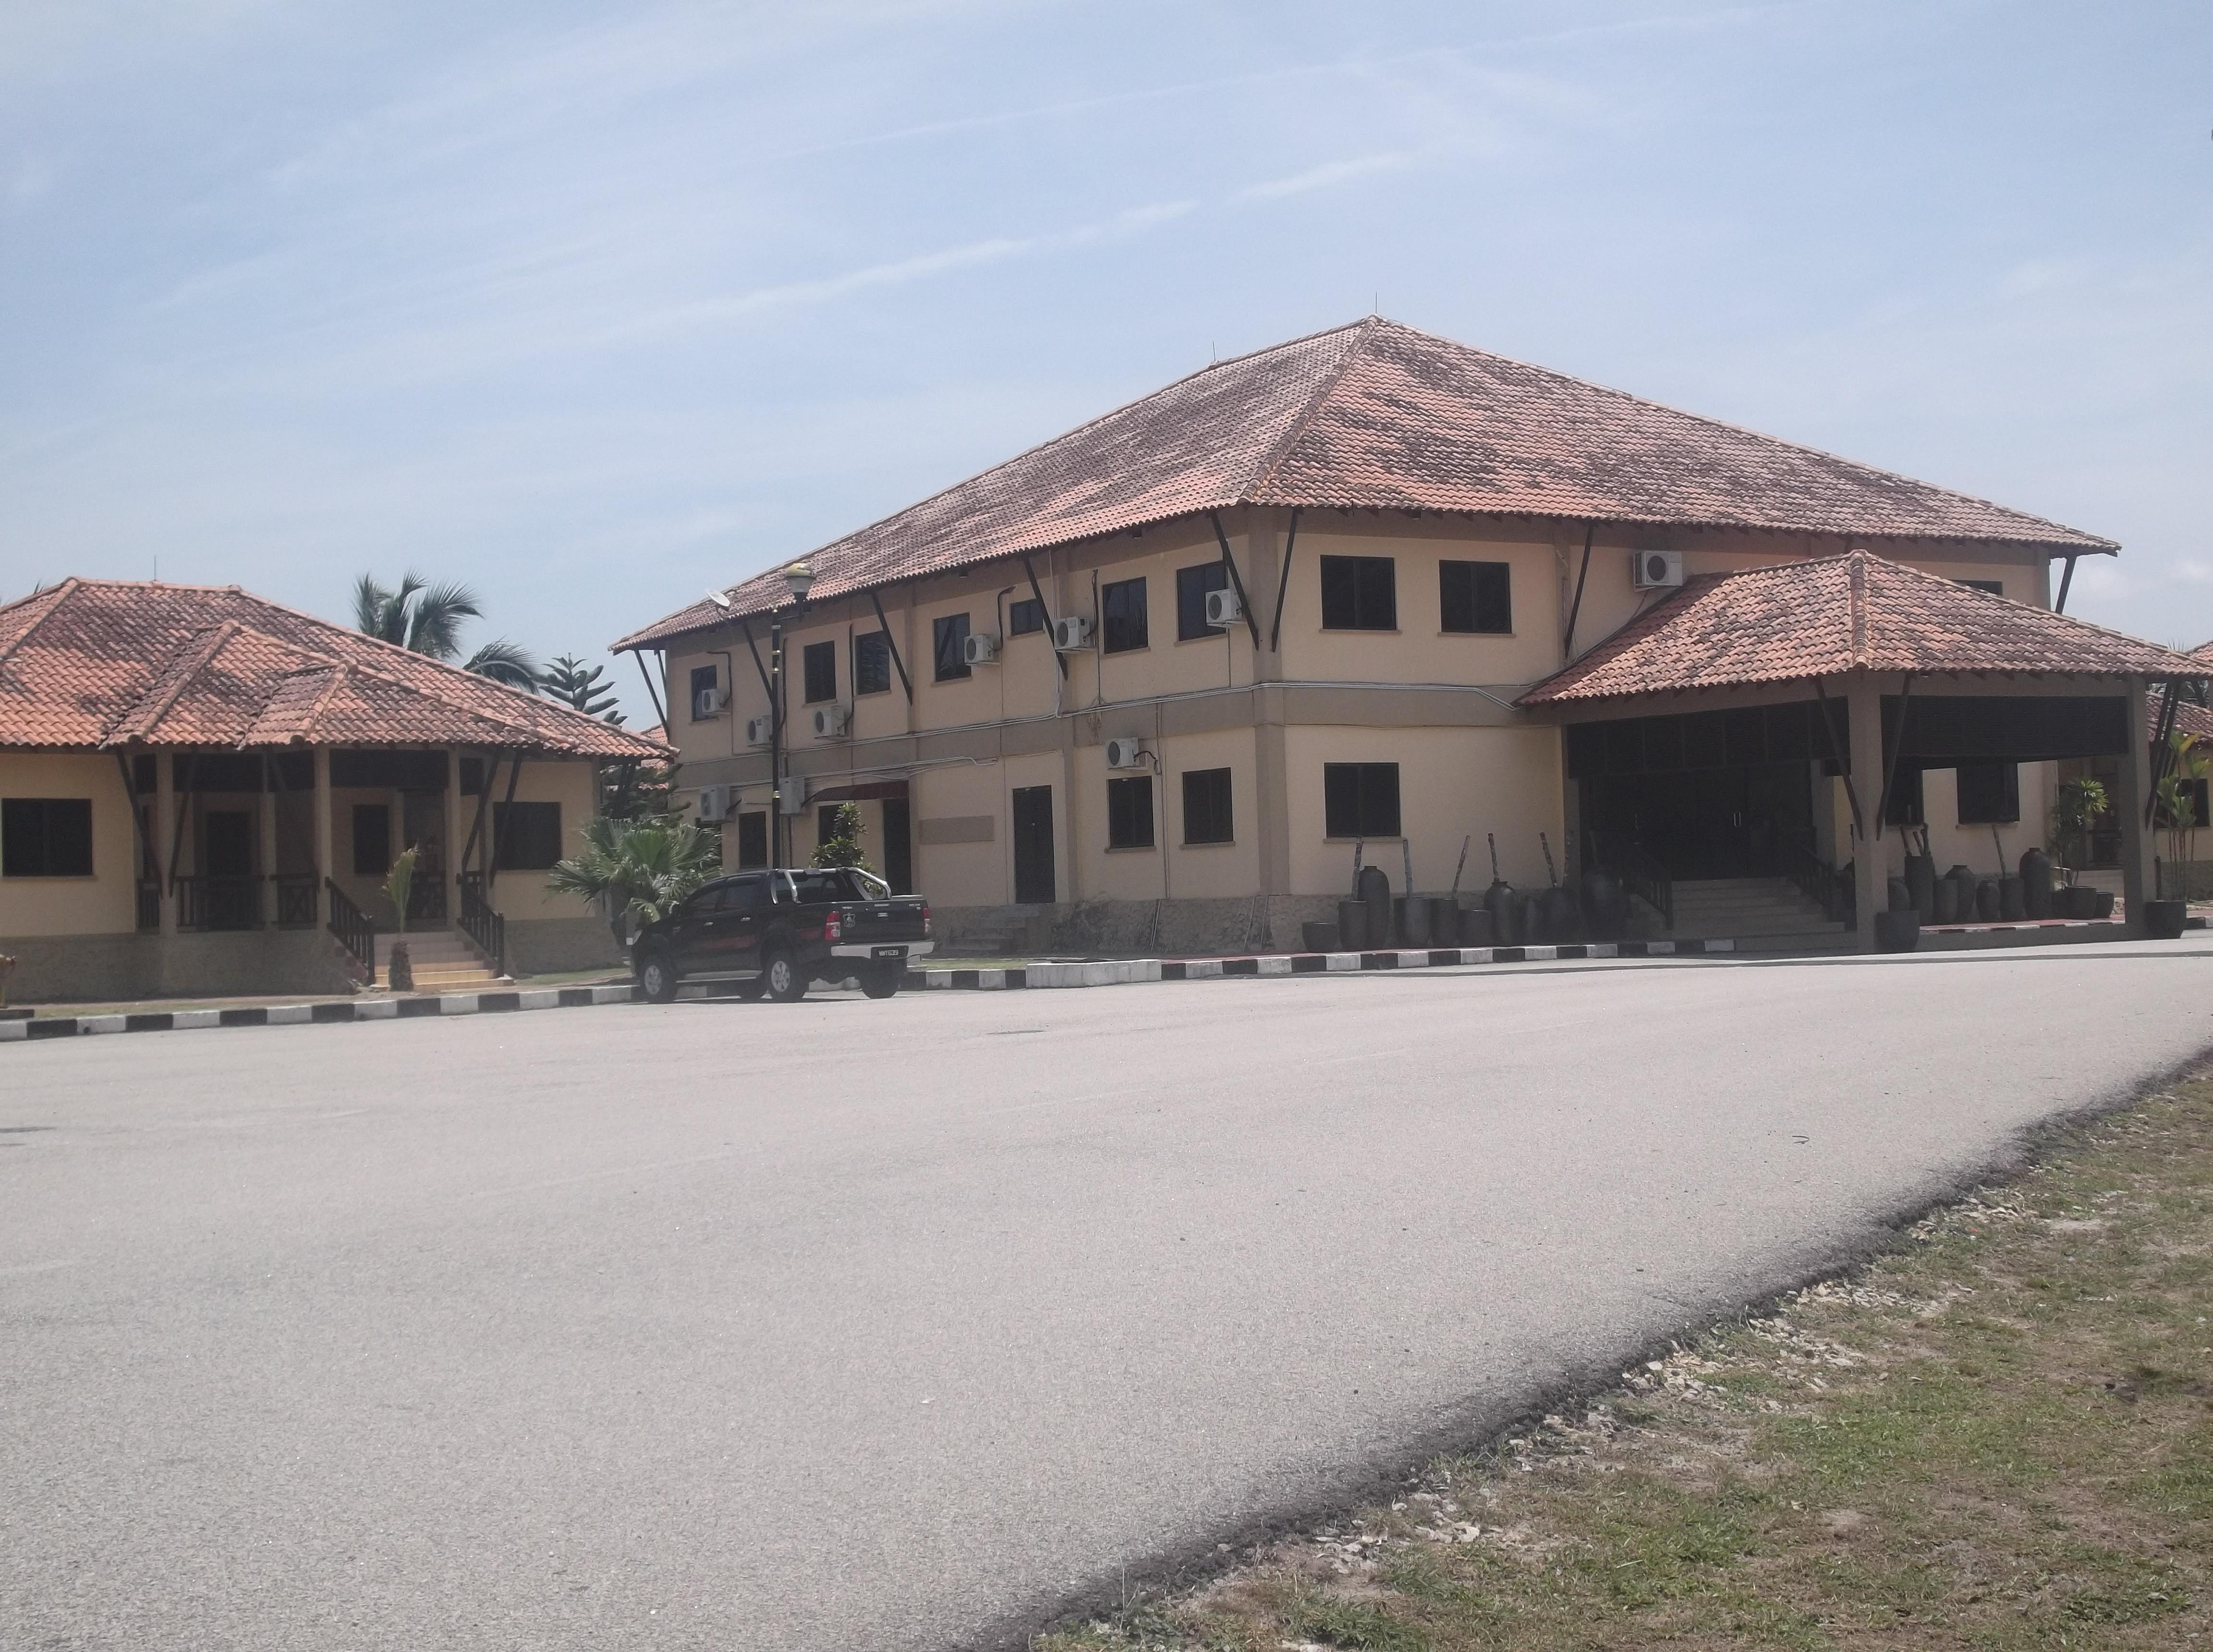 Pekan Malaysia  city photos : Malaysia Pahang : Royal Pekan | Have Blog, Will Travel